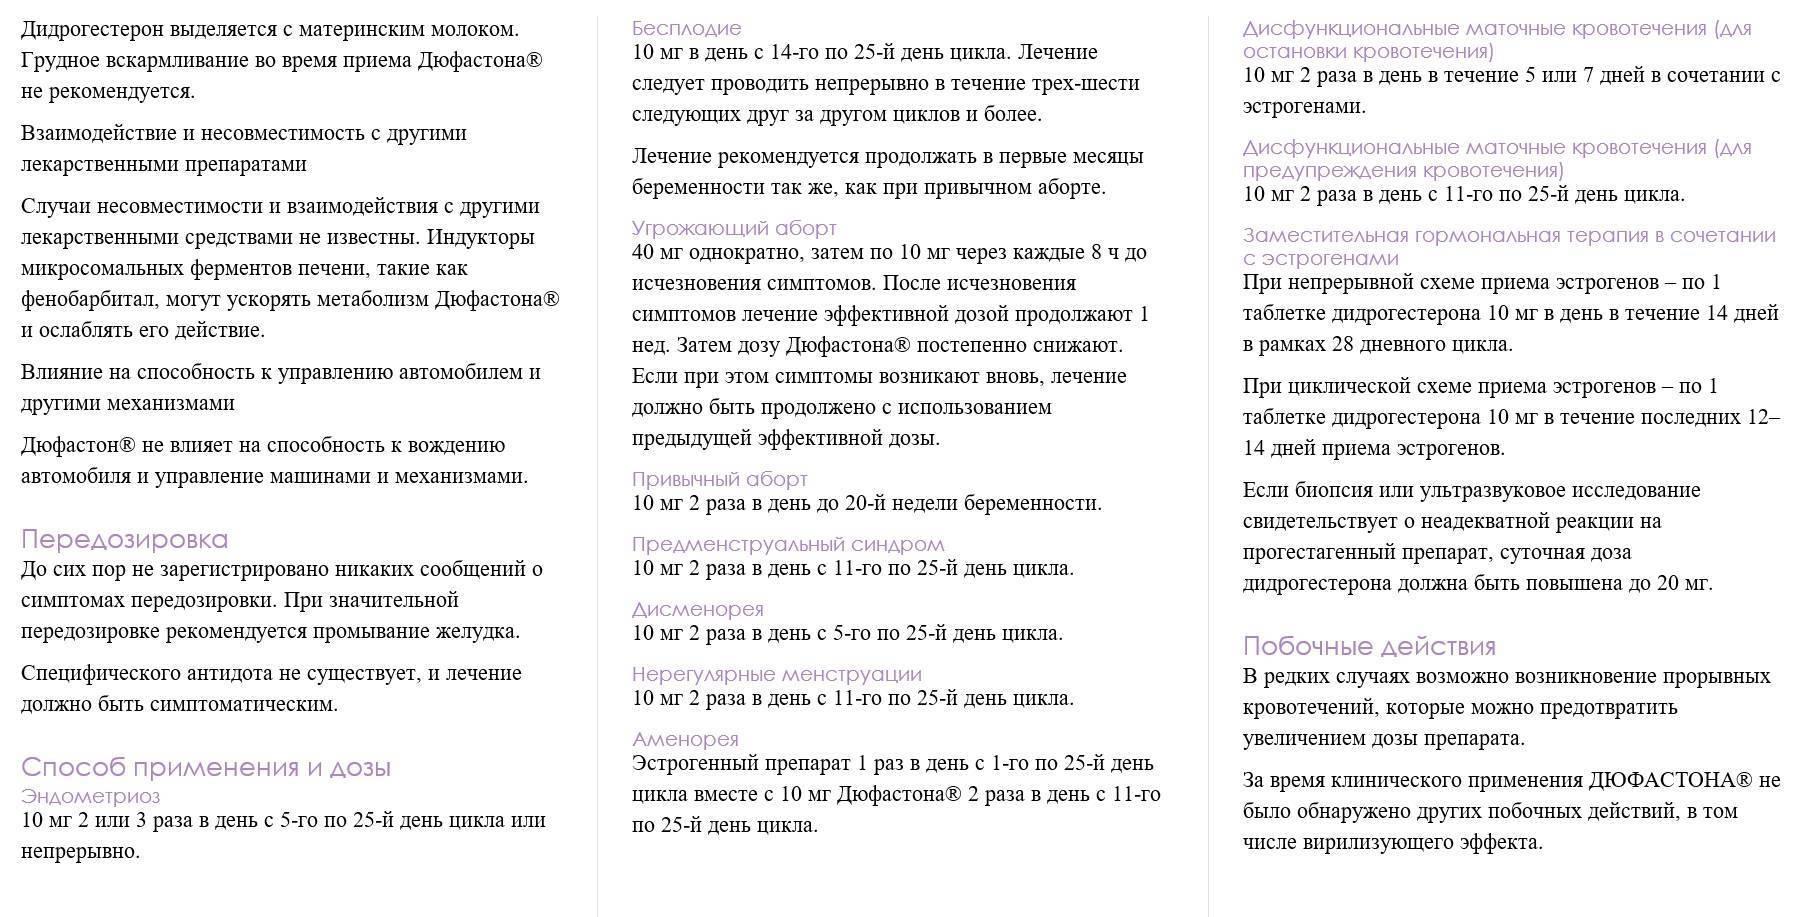 Через сколько дней после отмены дюфастона может произойти выкидыш - molnar.ru